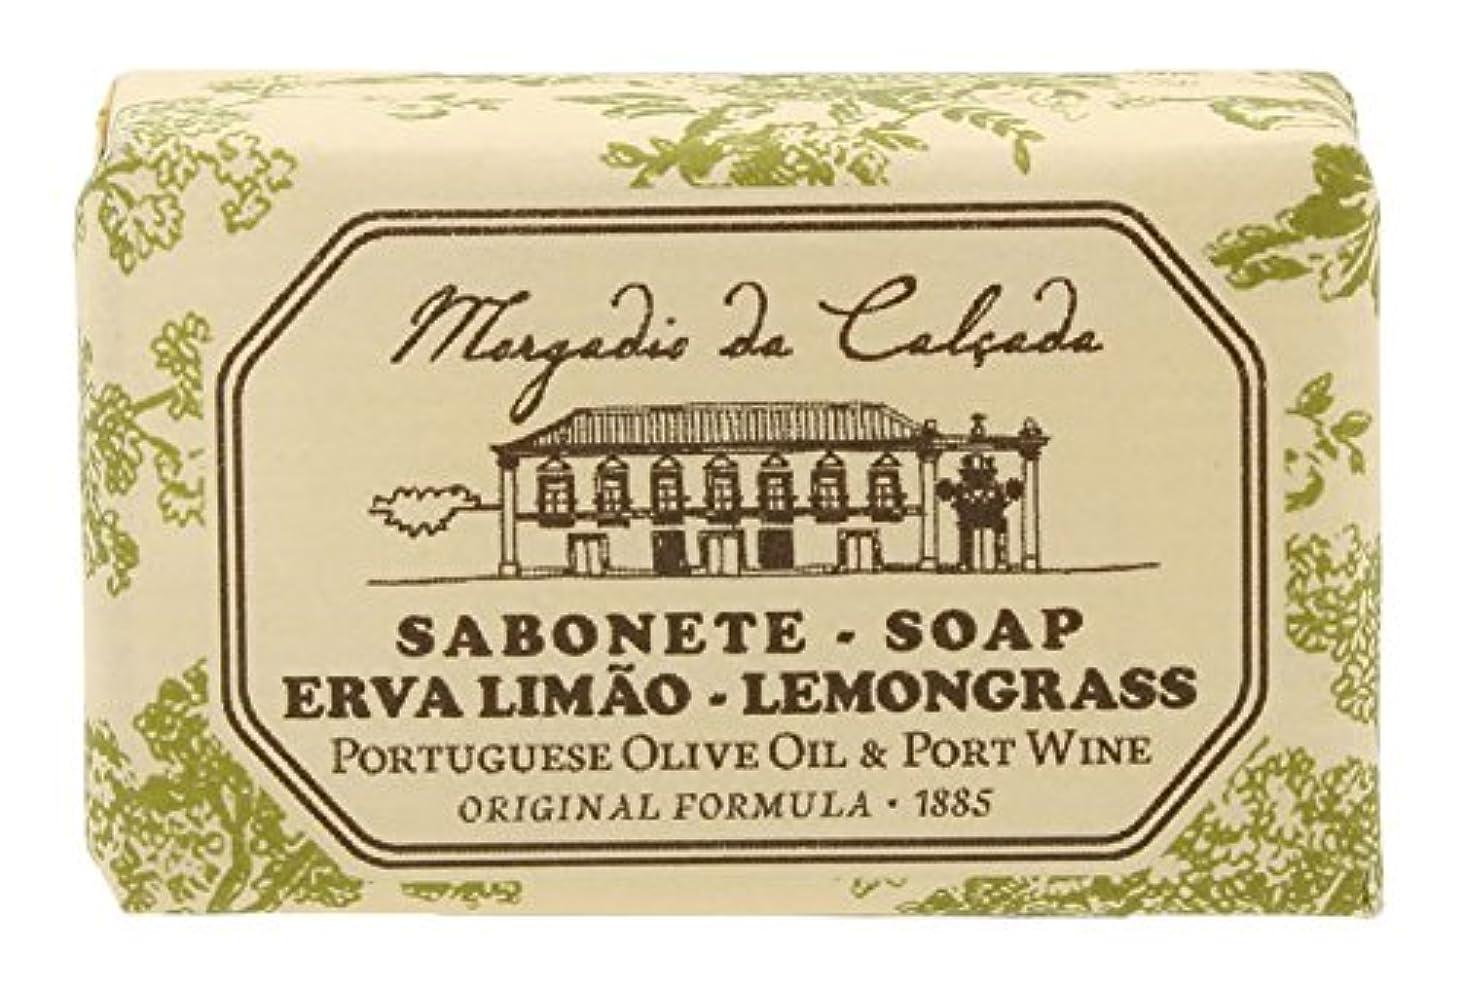 印をつける変化静かなモルガディオ ダ カルサダ ソープ レモングラス 35g